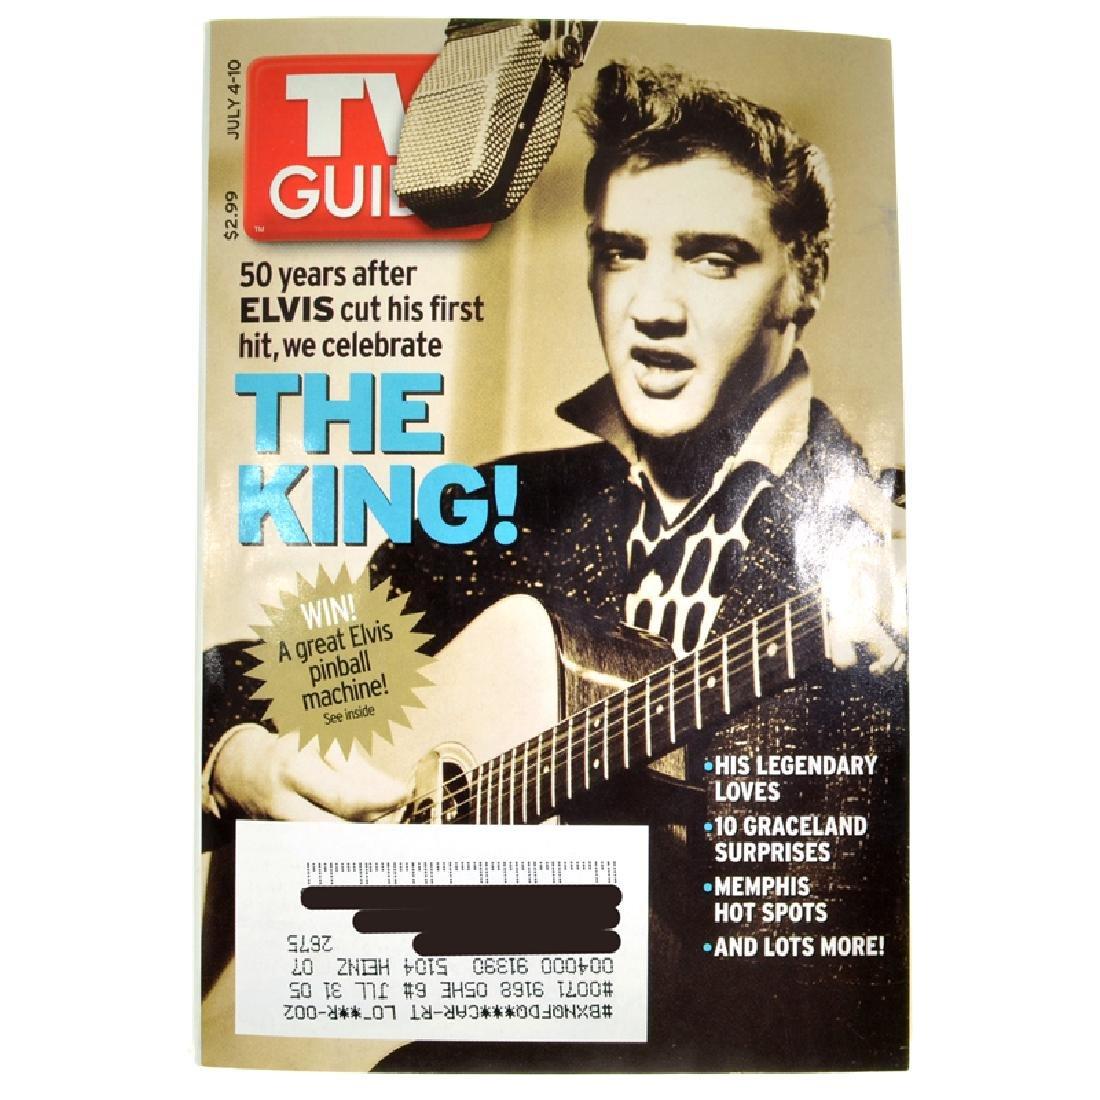 Rare Elvis Presley TV Guide Edition